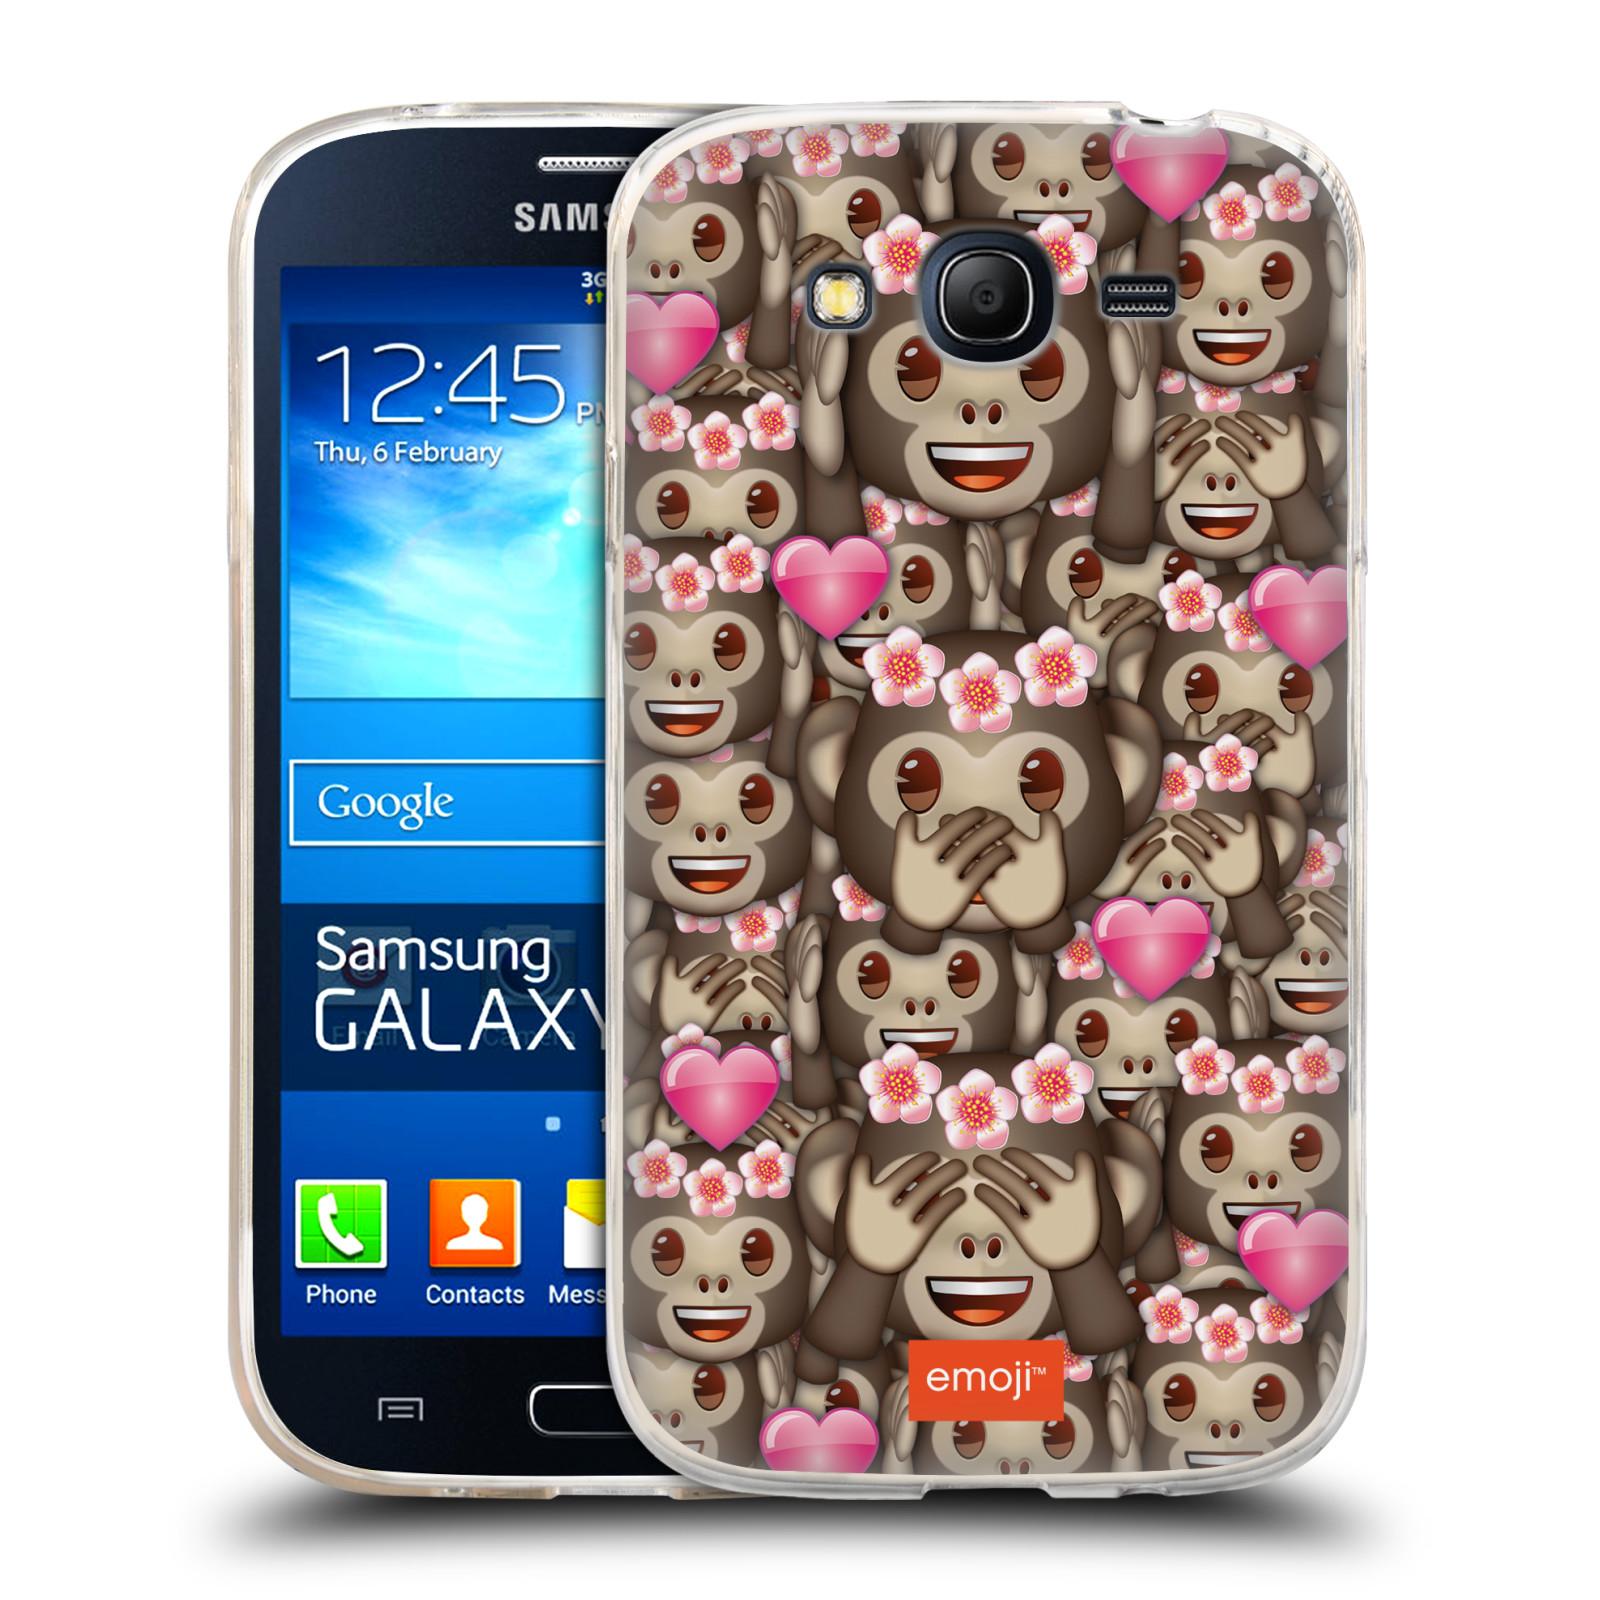 Silikonové pouzdro na mobil Samsung Galaxy Grand Neo Plus HEAD CASE EMOJI - Opičky, srdíčka a kytičky (Silikonový kryt či obal s oficiálním motivem EMOJI na mobilní telefon Samsung Galaxy Grand Neo Plus Duos GT-I9060i)